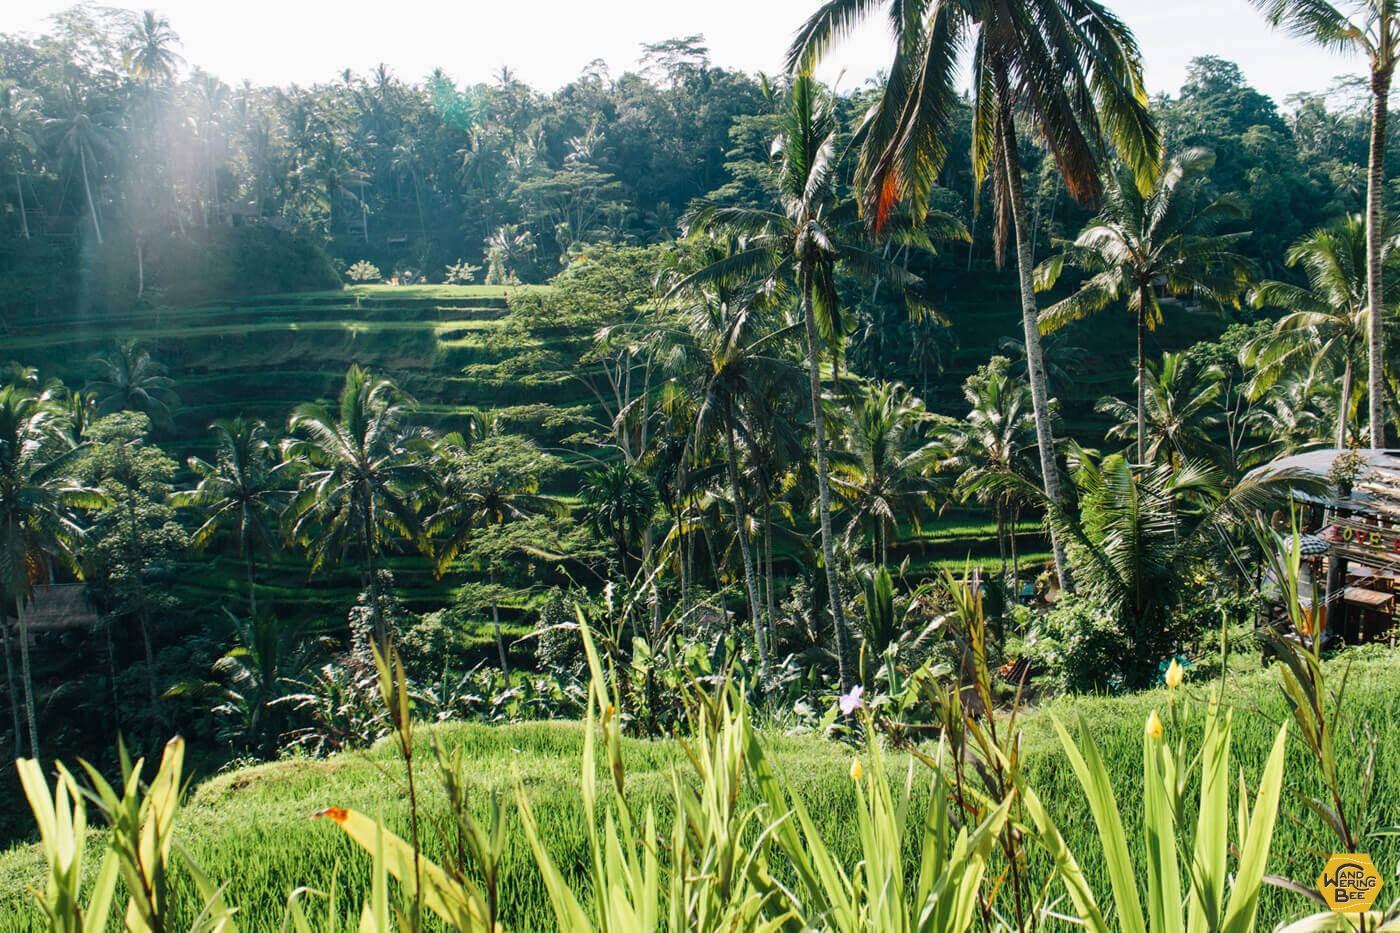 緑に溢れた心癒される環境が広がるバリ島